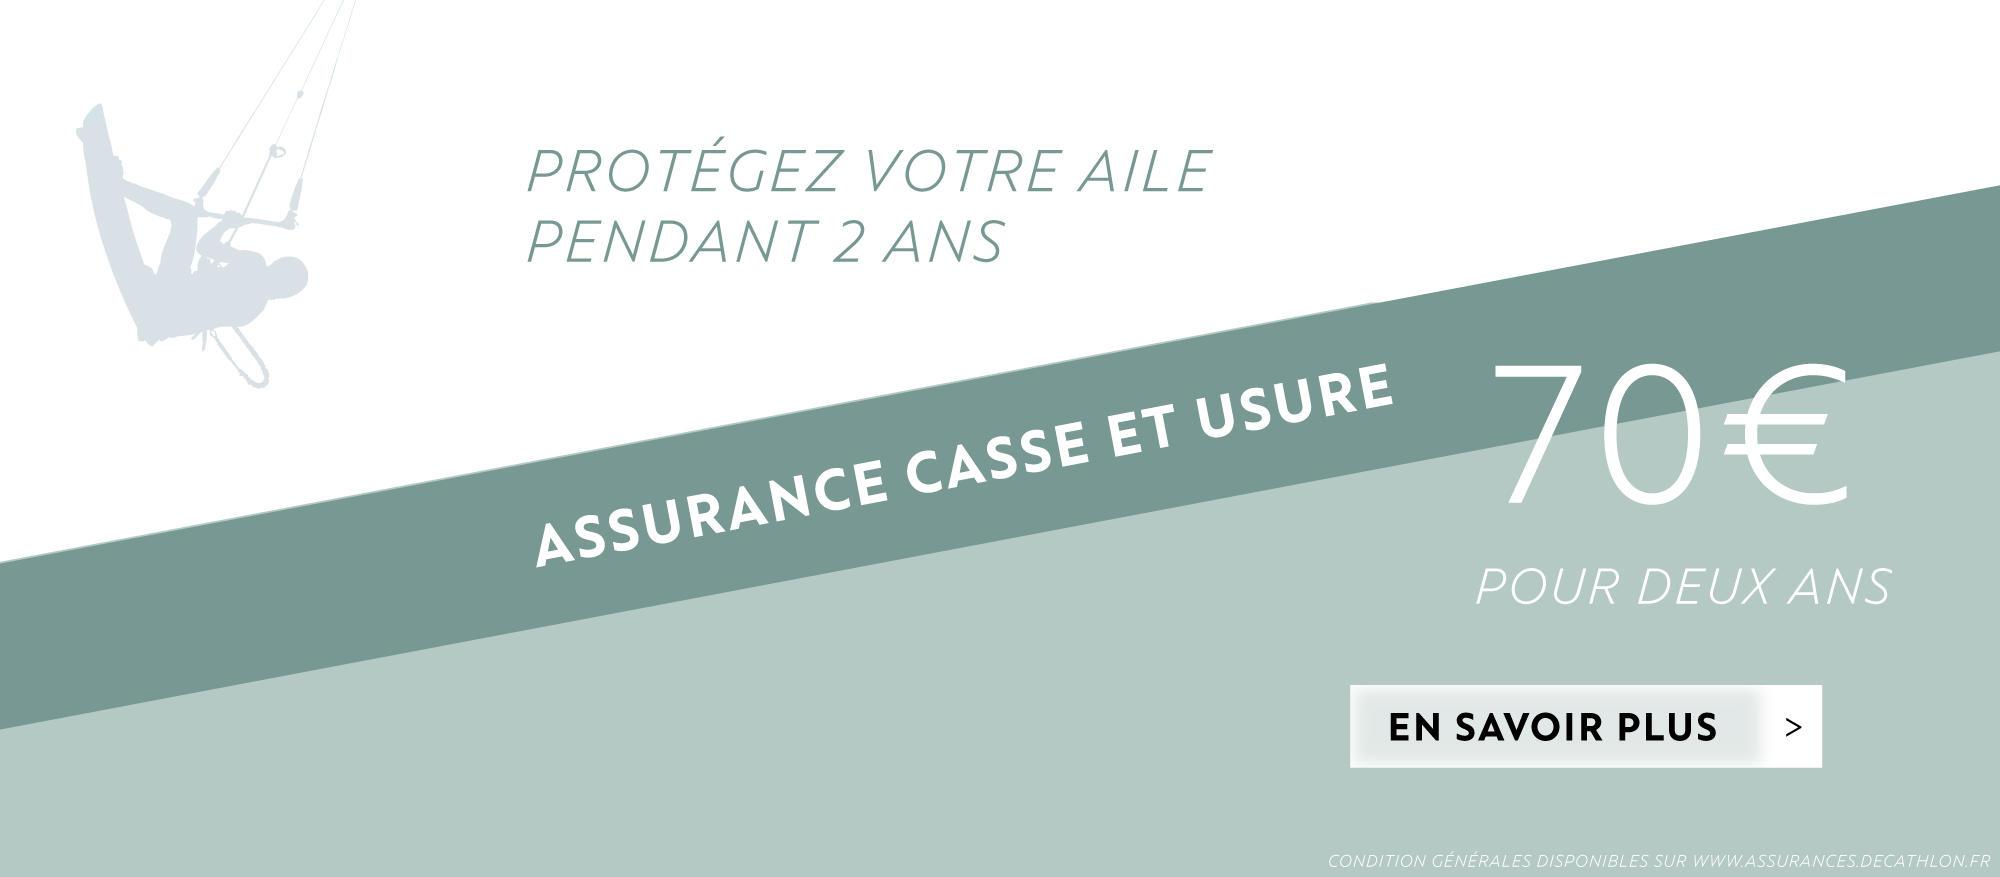 assurance casse W